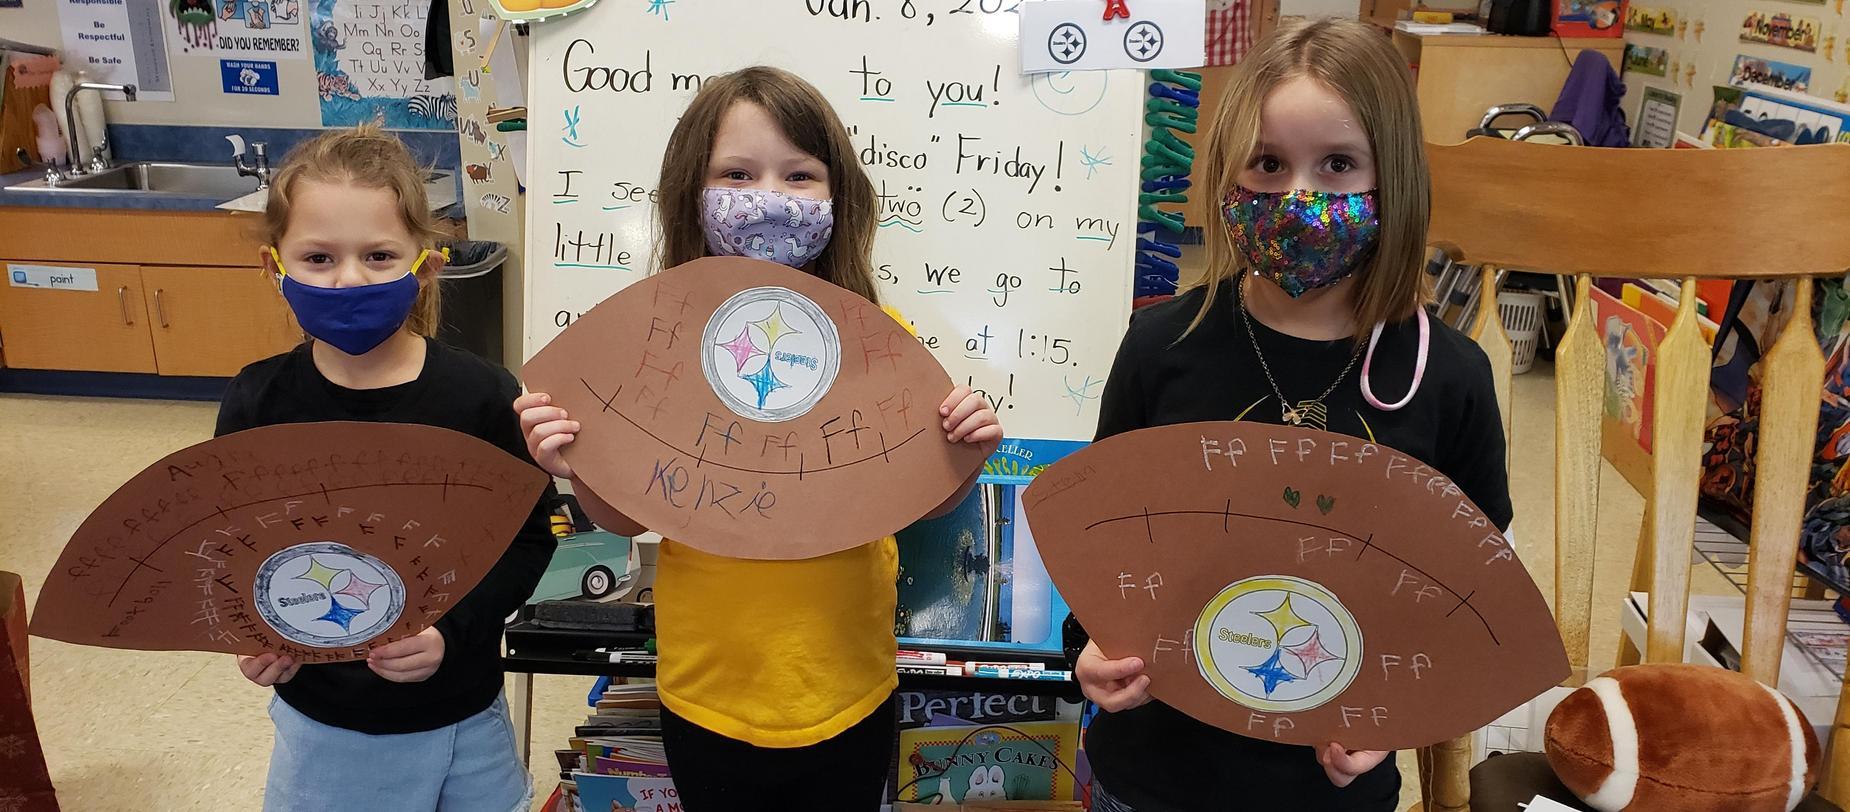 kindergarten students posing with footballs